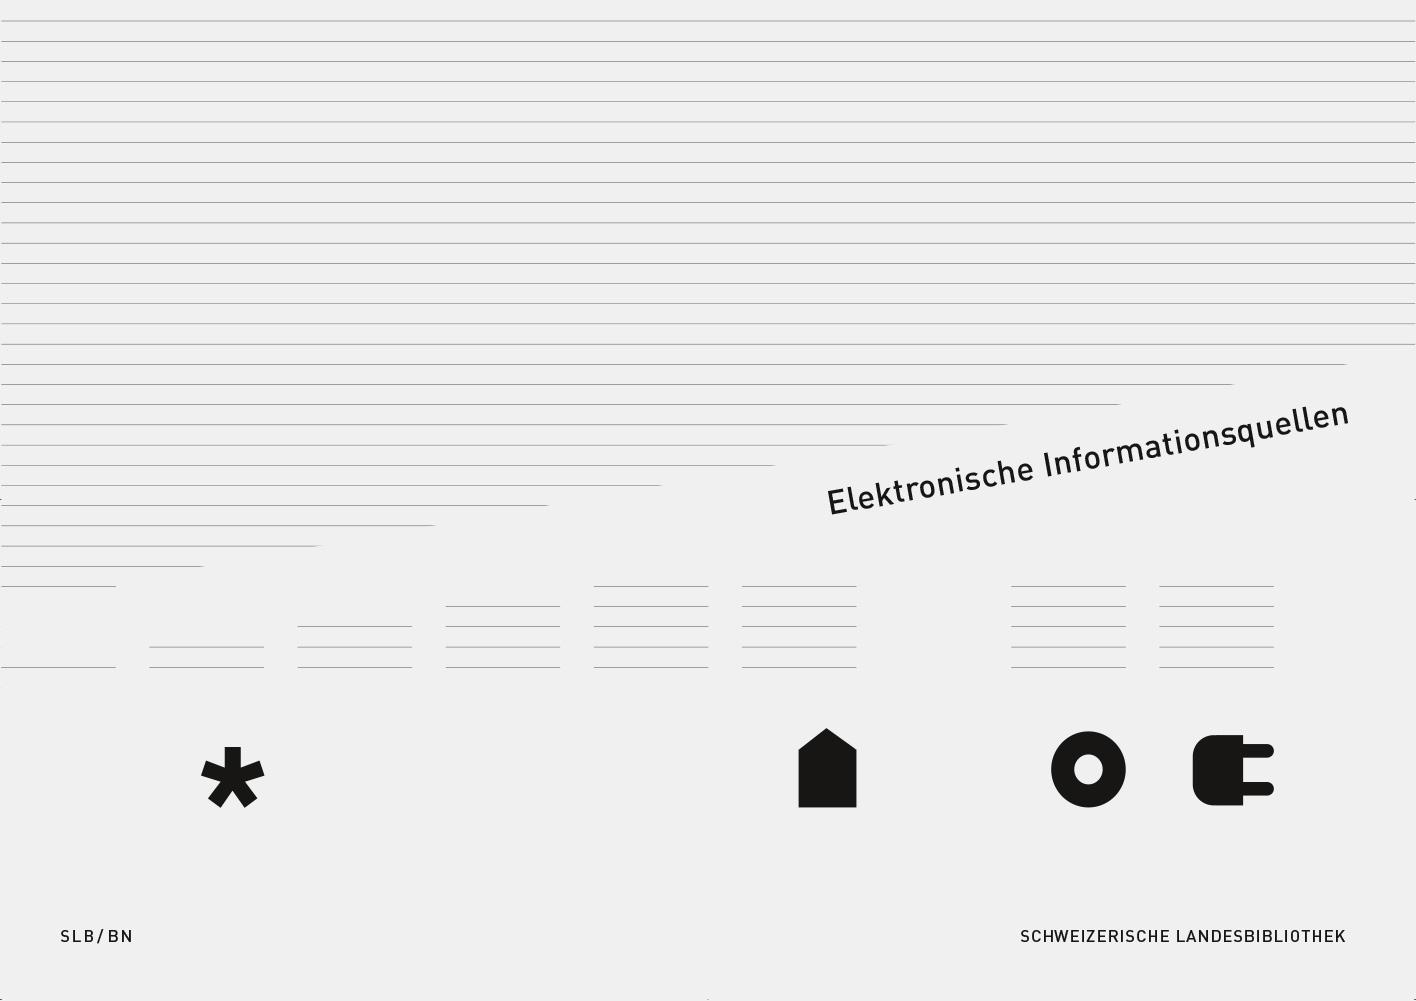 atelier-varga-mihaly-varga-landesbibliothek_elektronische-informationsquellen_2_web